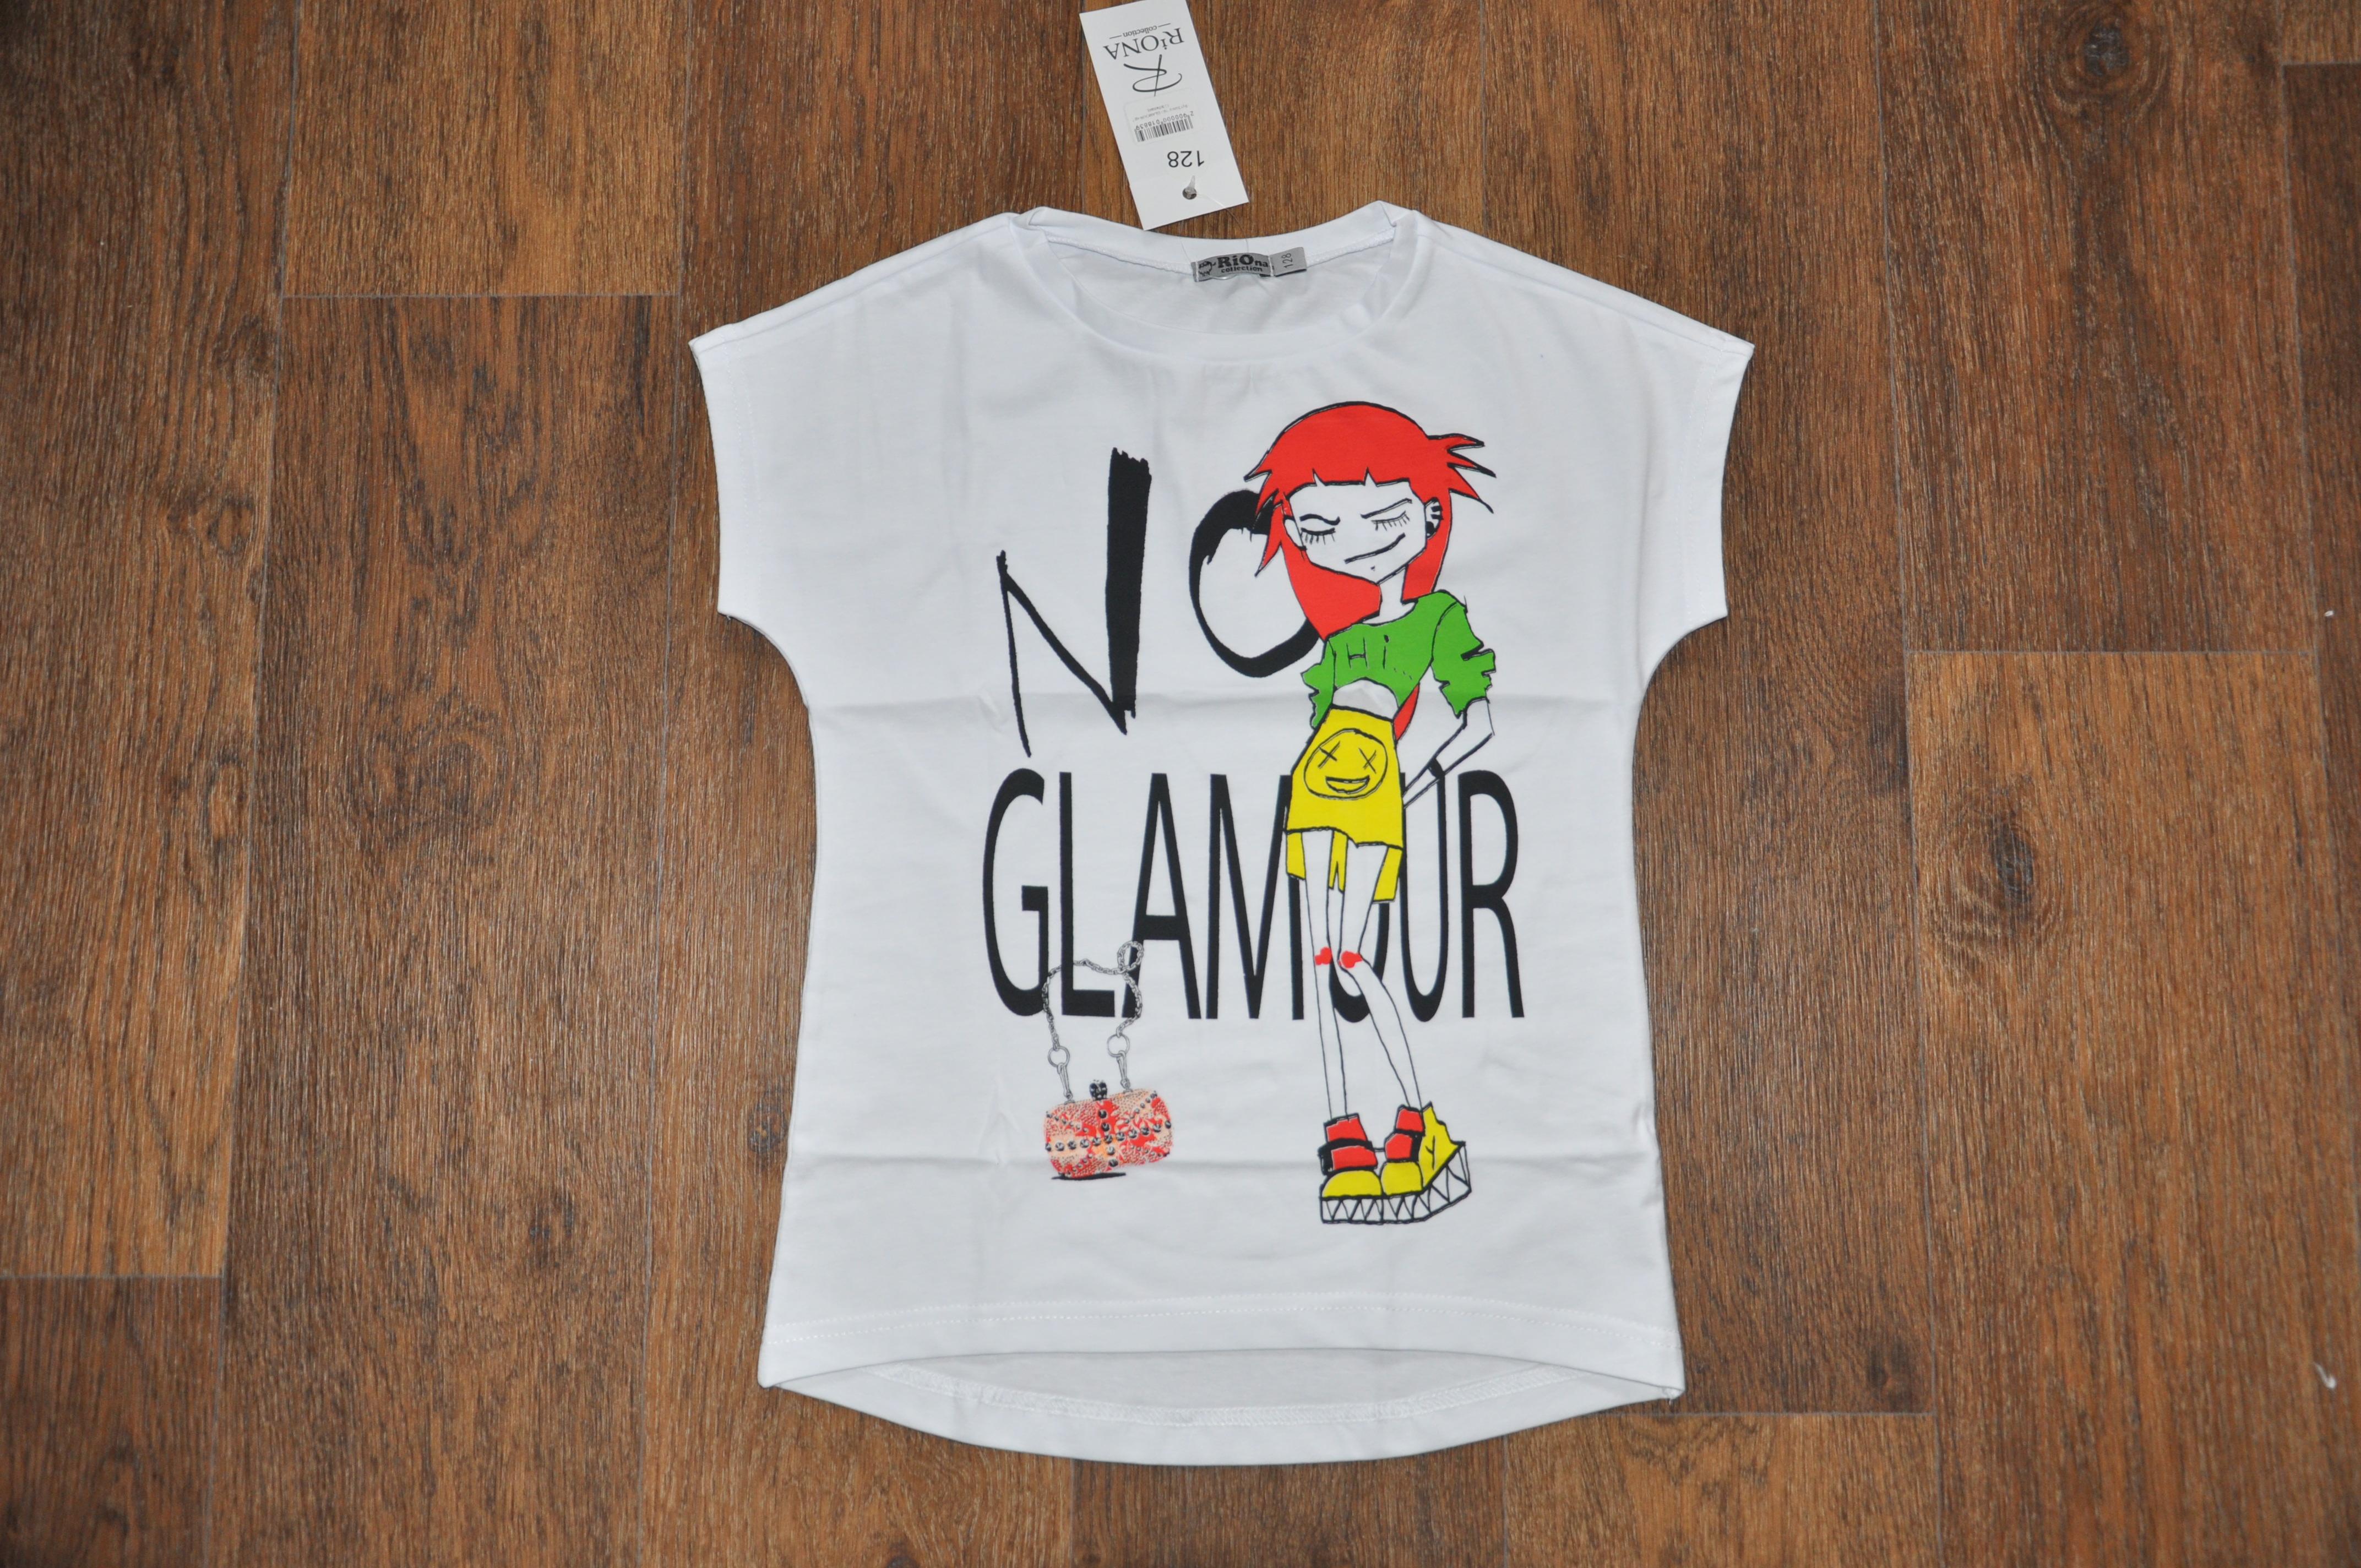 Девочки! В пристрое есть замечательная футболка р.128, цена окончательная 385 руб...на физкультуру дочкам кому надо?